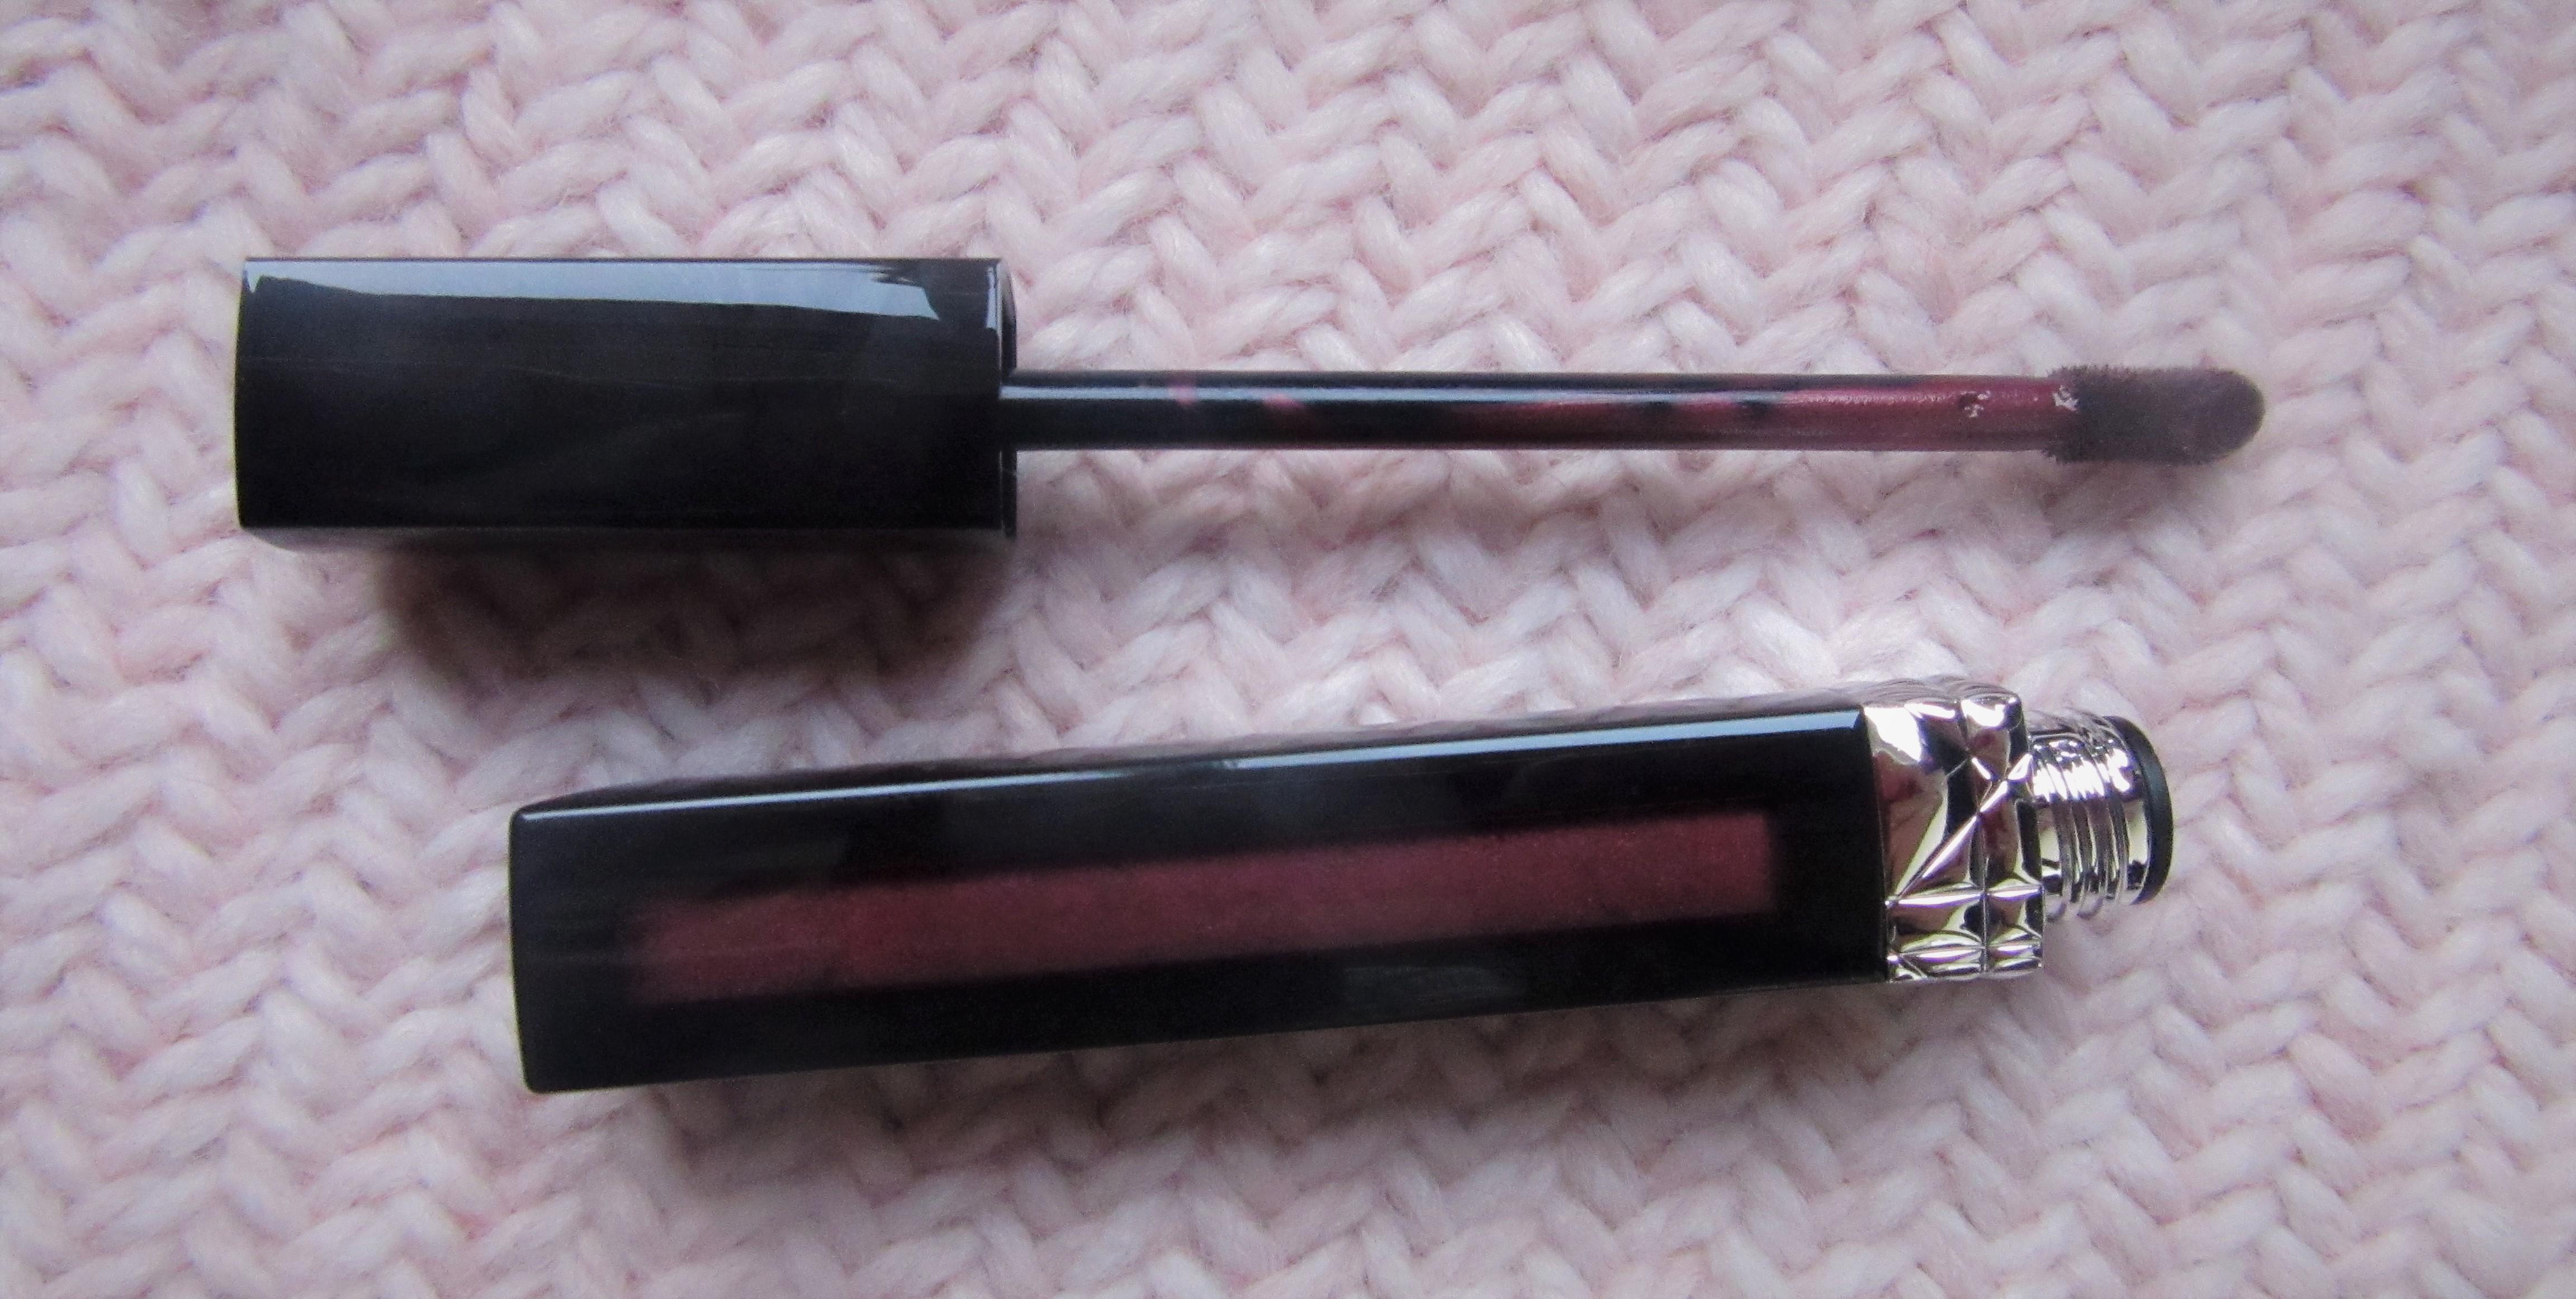 Dior liquid rouge 979 poison metal applicator